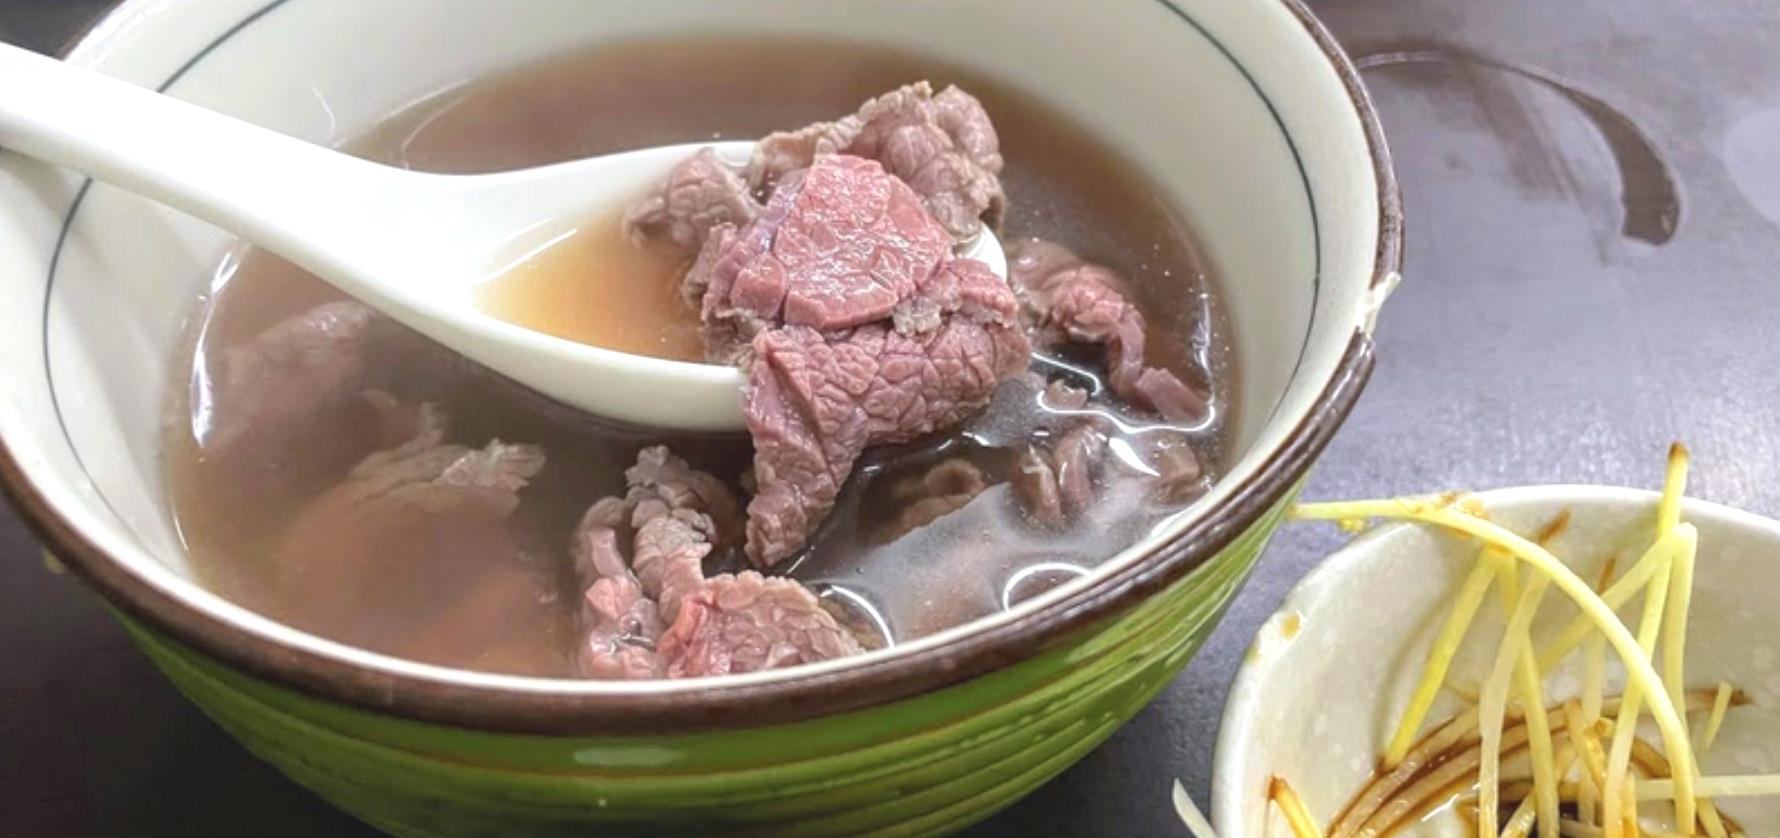 阿牛仔牛肉湯 / 加班加不夠 那就多加兩次湯吧 / 肉燥飯免費 / 加湯免費 / 台南善化